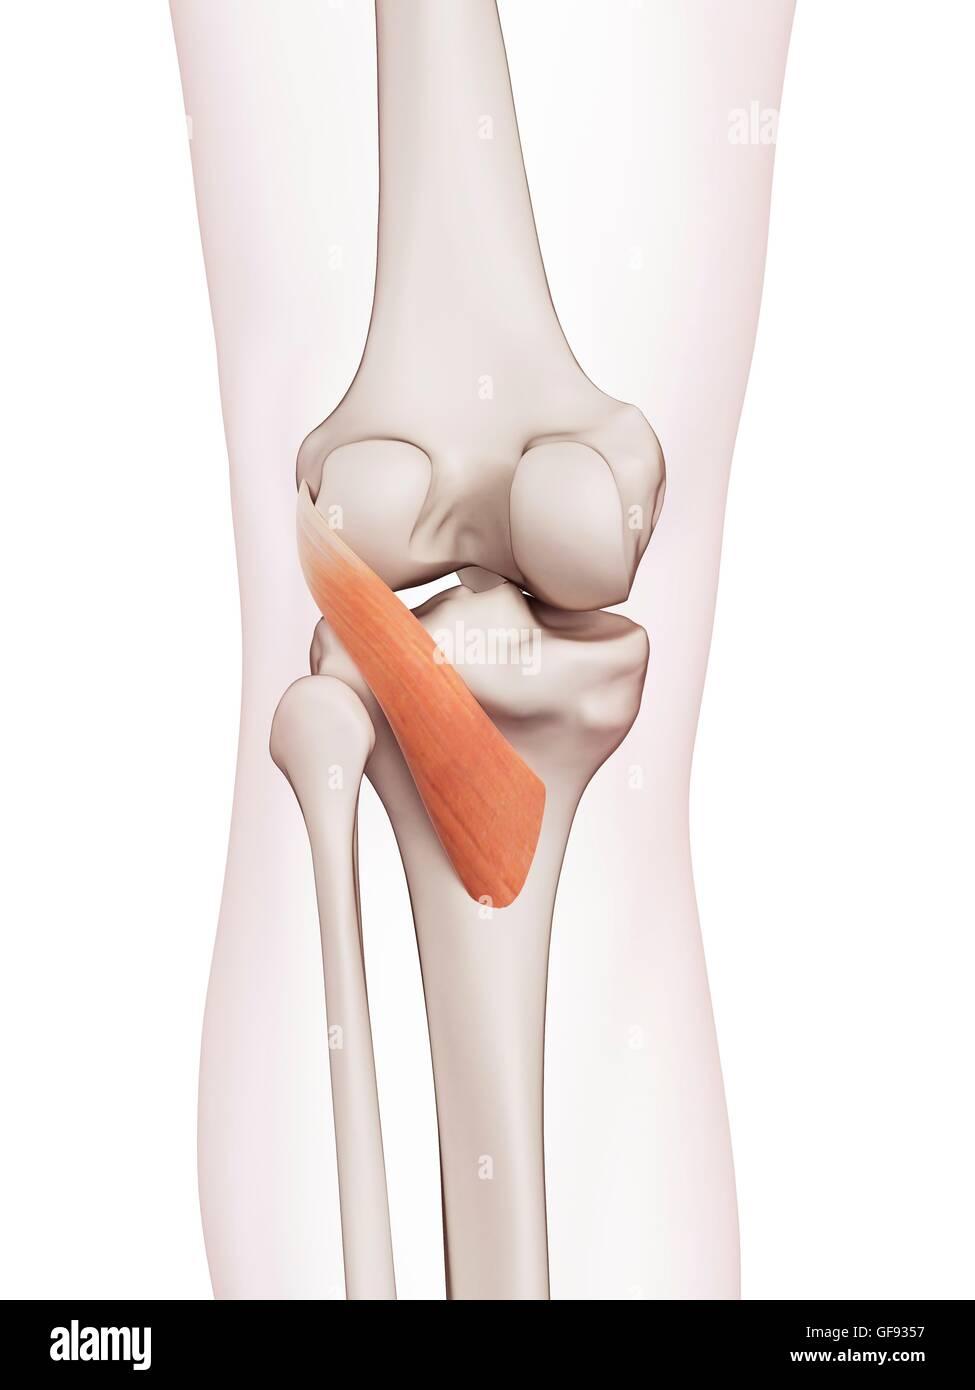 Tolle Anatomie Eines Menschlichen Knies Fotos - Anatomie Ideen ...